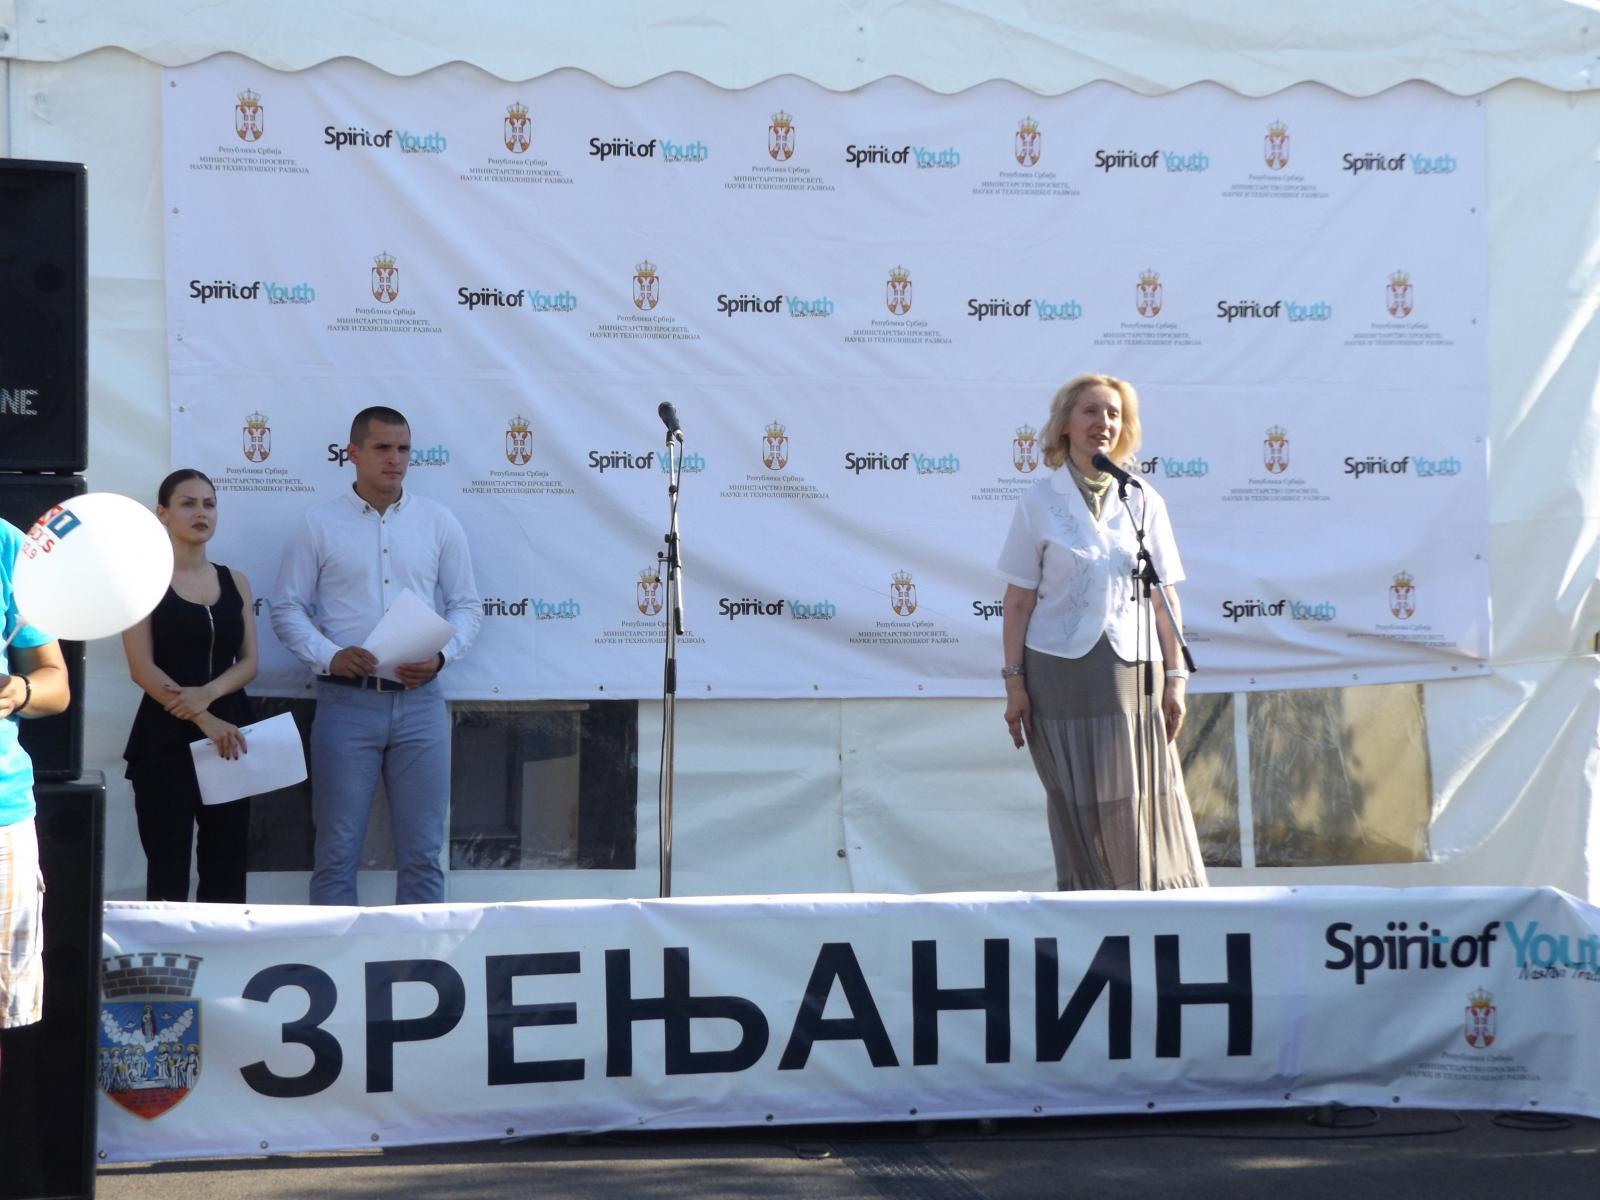 """Помоћница министра за омладину, Снежана Клашња присуствовала  отварању каравана """"Дух младости"""" у Зрењанину"""